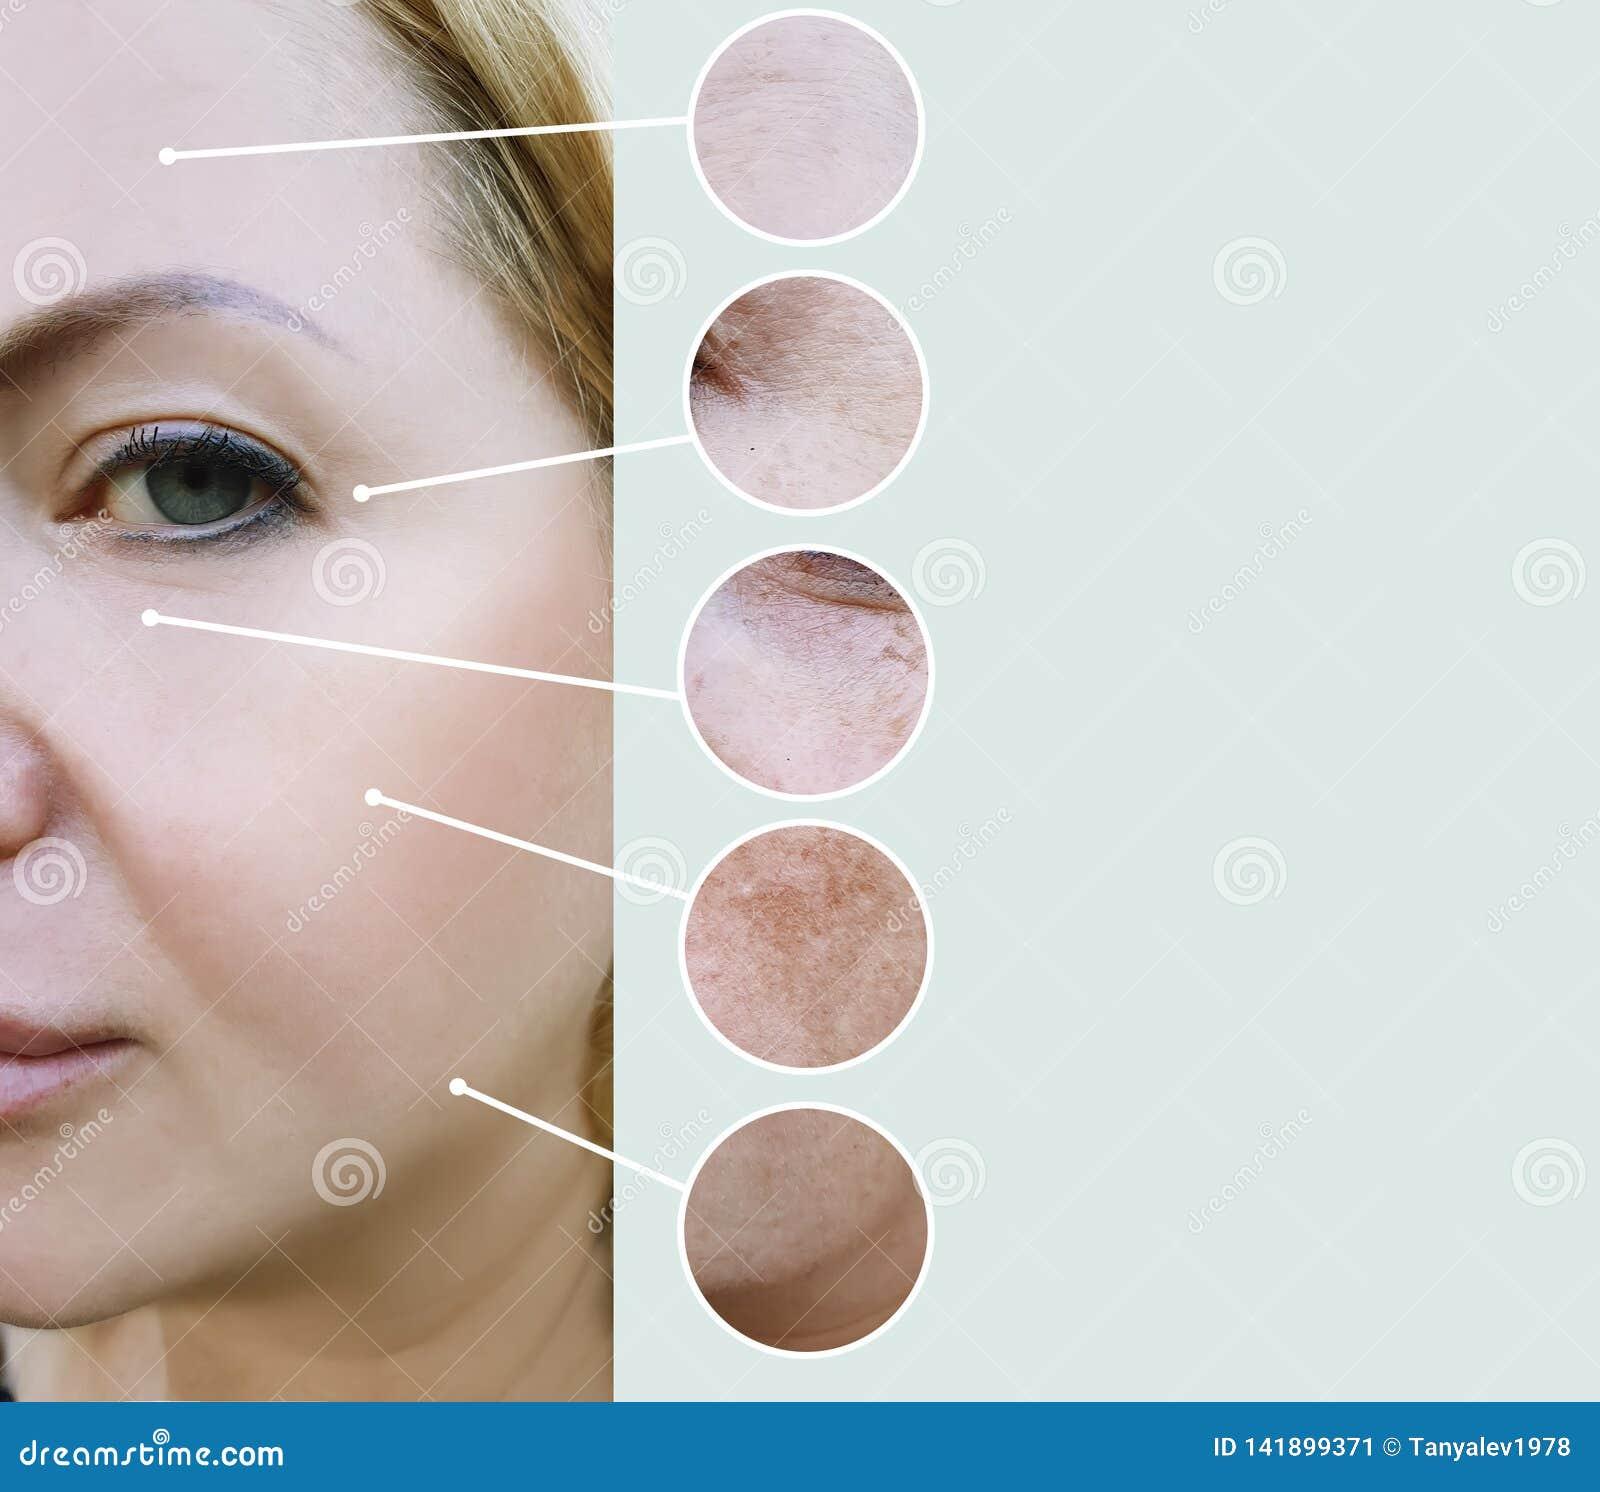 De vrouwelijke rimpels before and after verschil rijpen de collage van de therapieprocedures van de regeneratieschoonheidsspecial